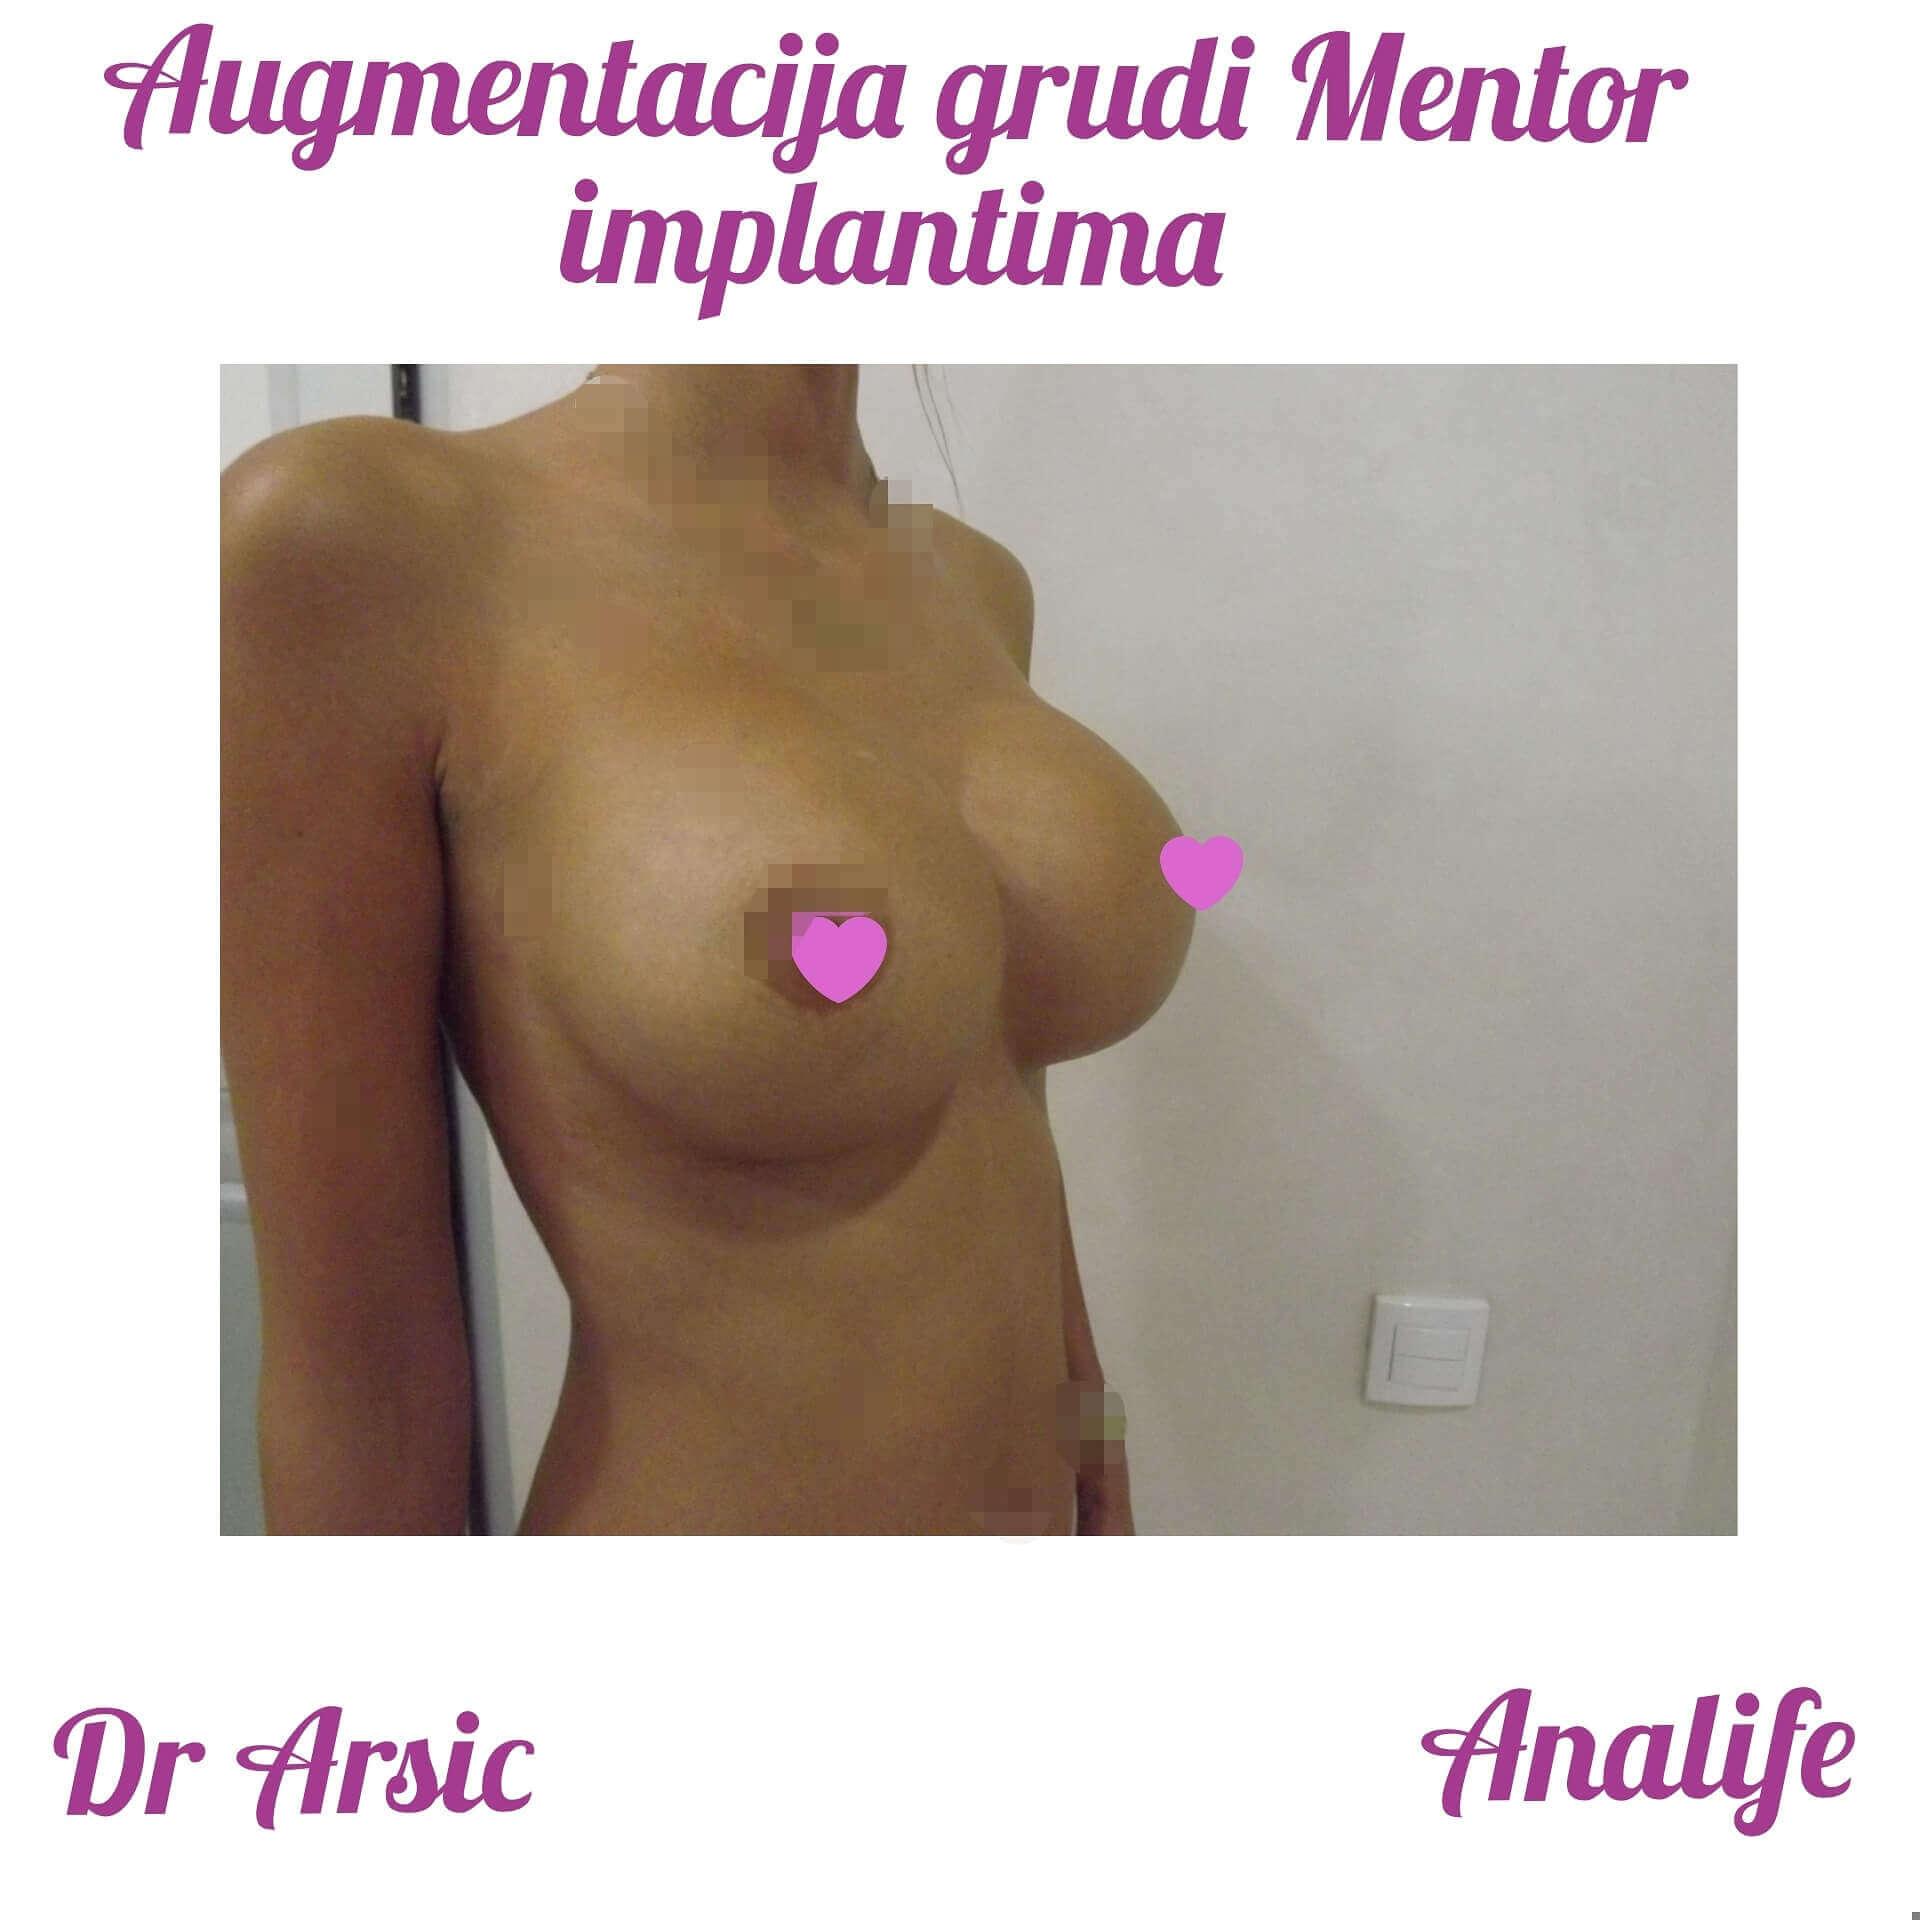 Augmentacija grudi - povećanje grudi implantima